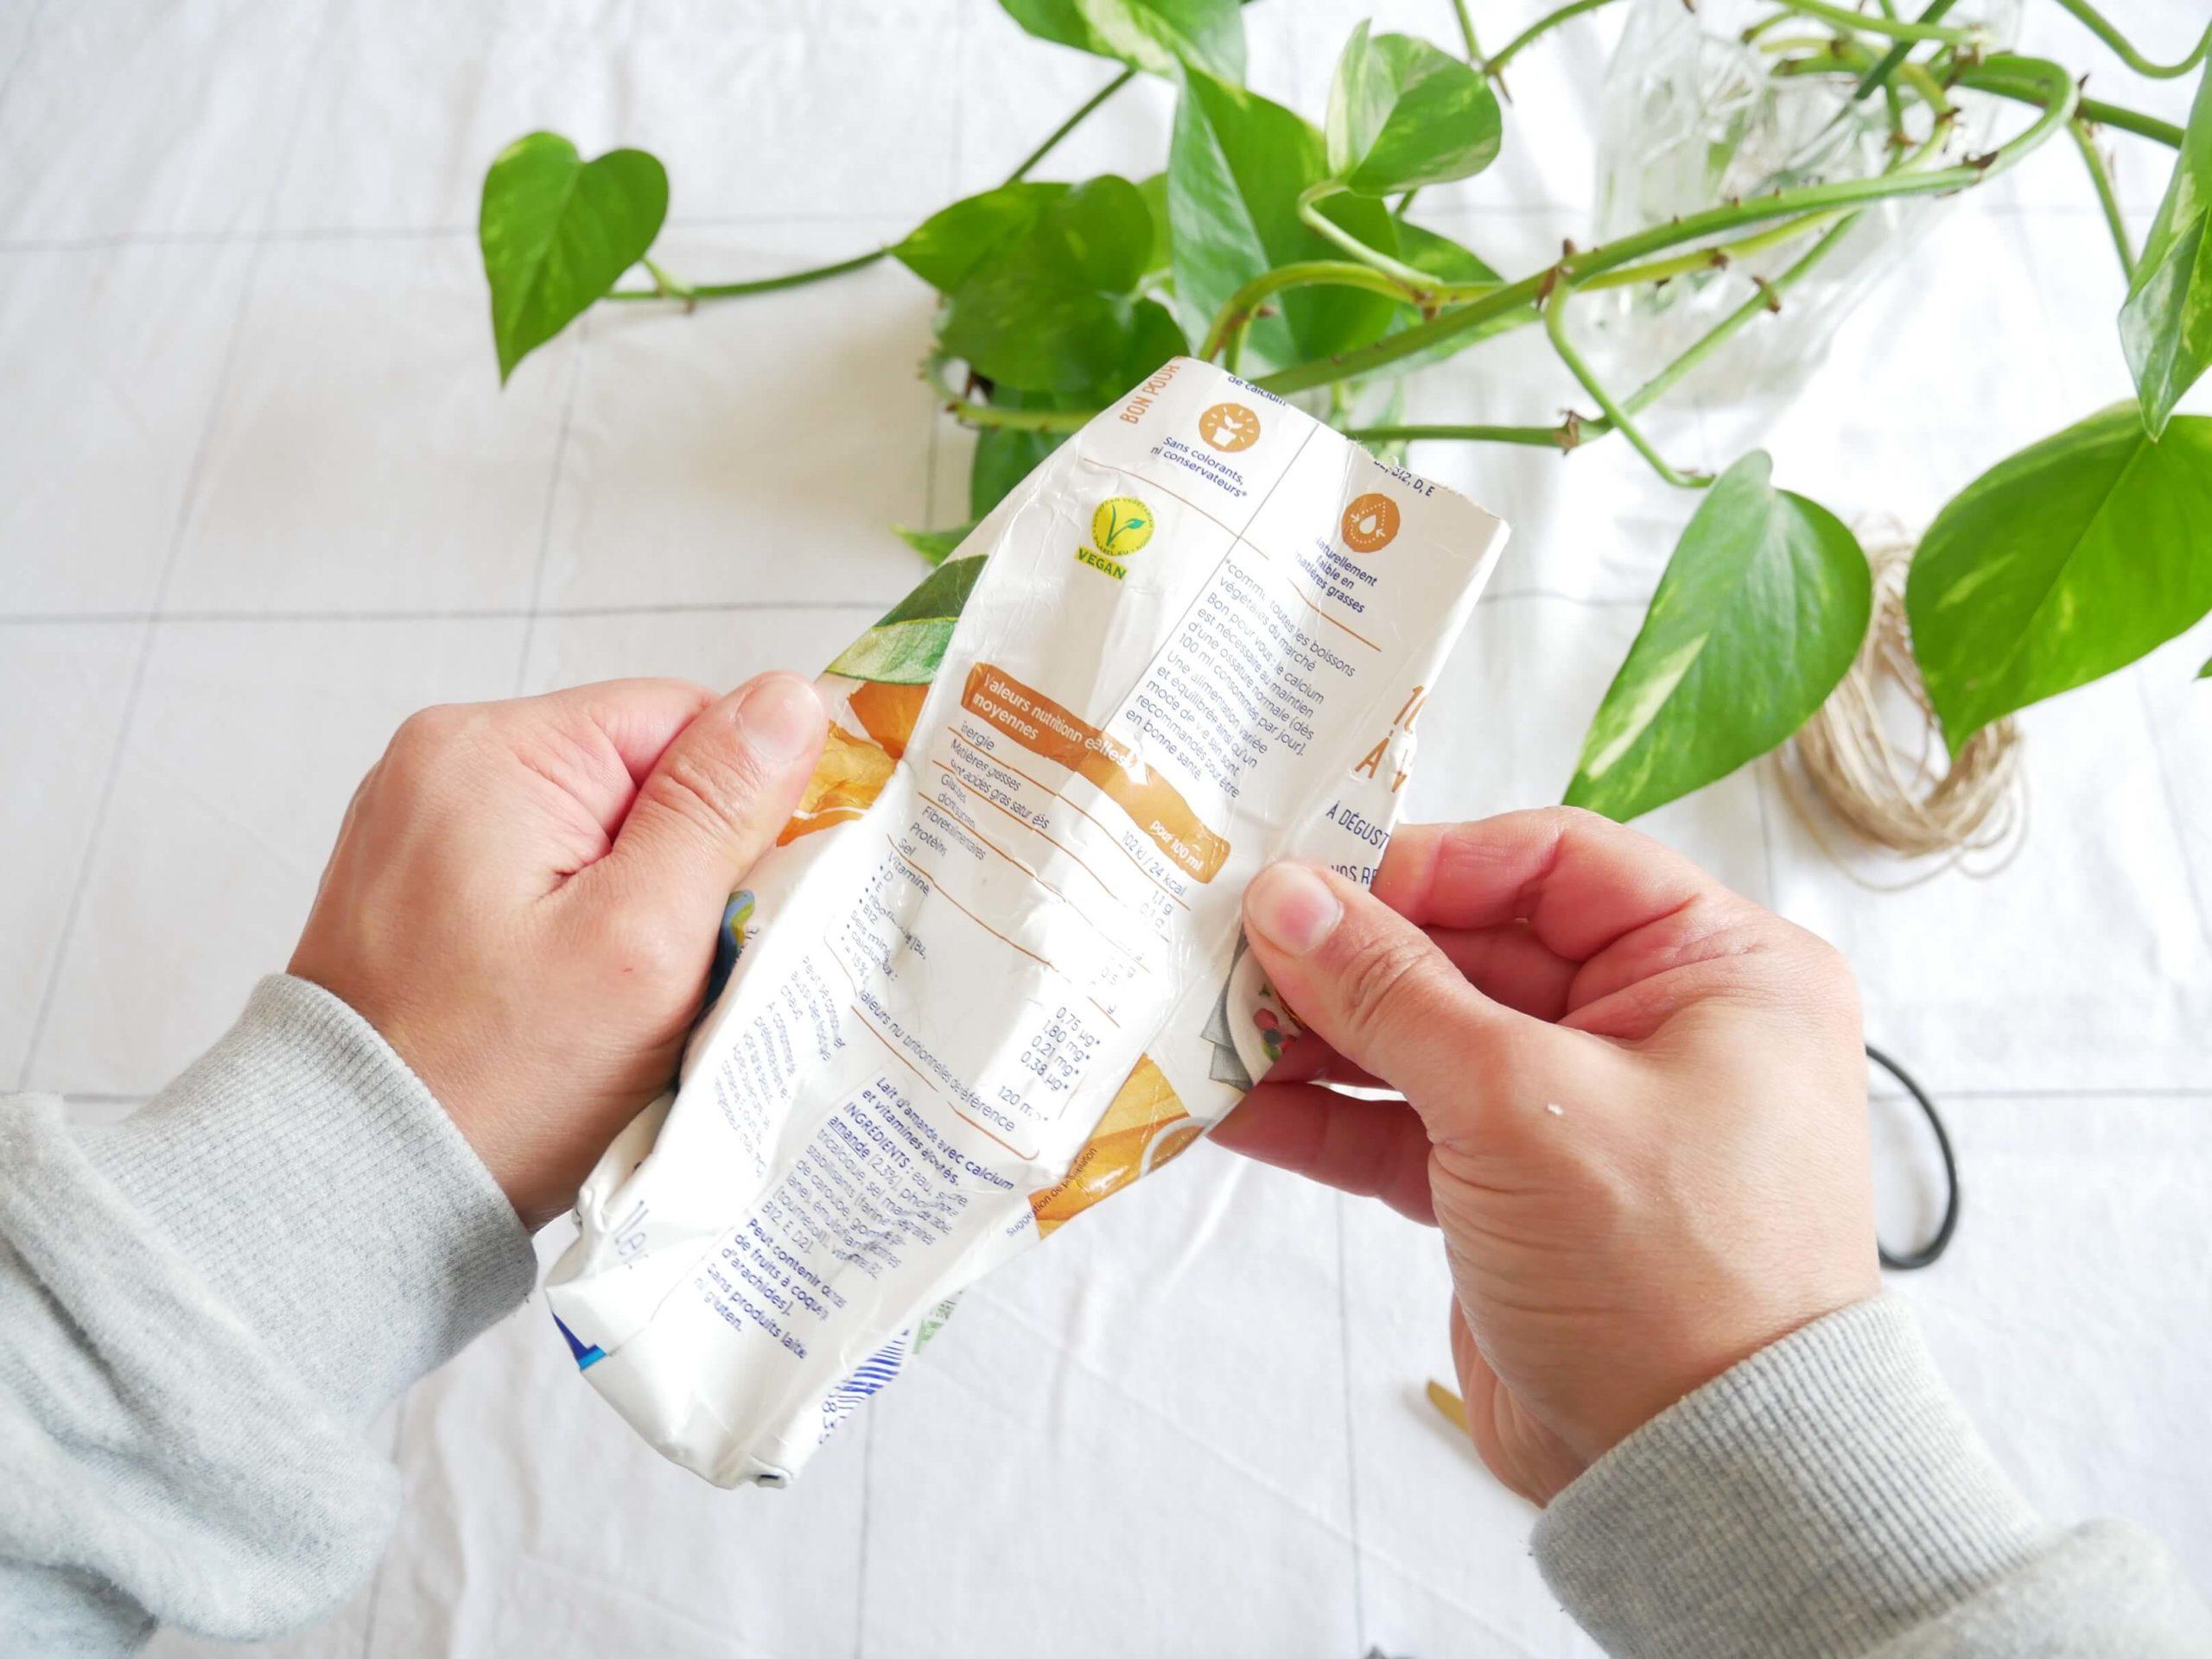 tutoriel-recyclage-principe7-lesateliersdangelique-auboulotcocotte